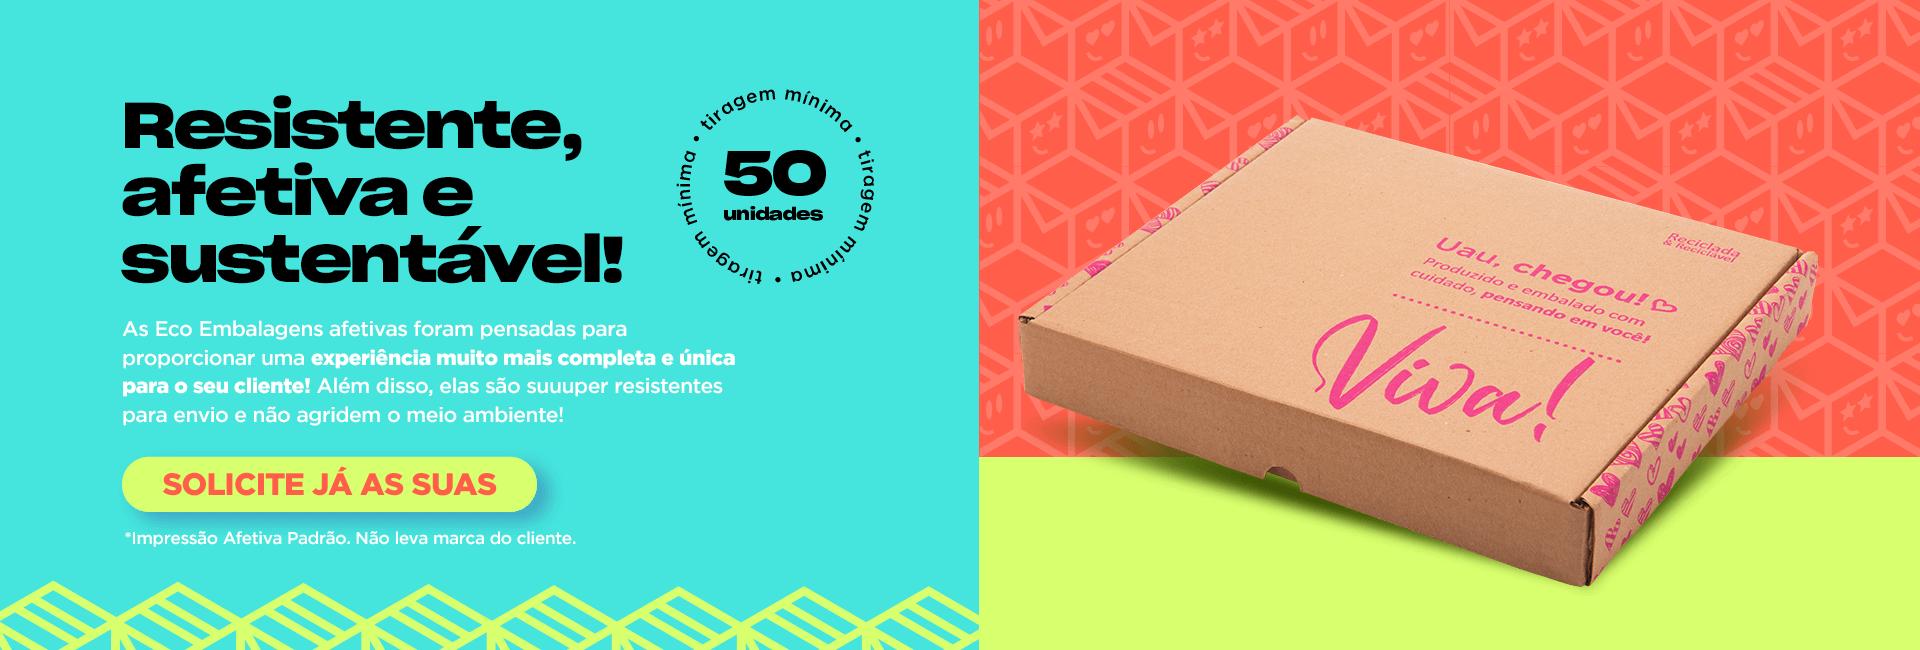 Magnani Embalagens - Caixas Montáveis/Sedex Coleção Viva